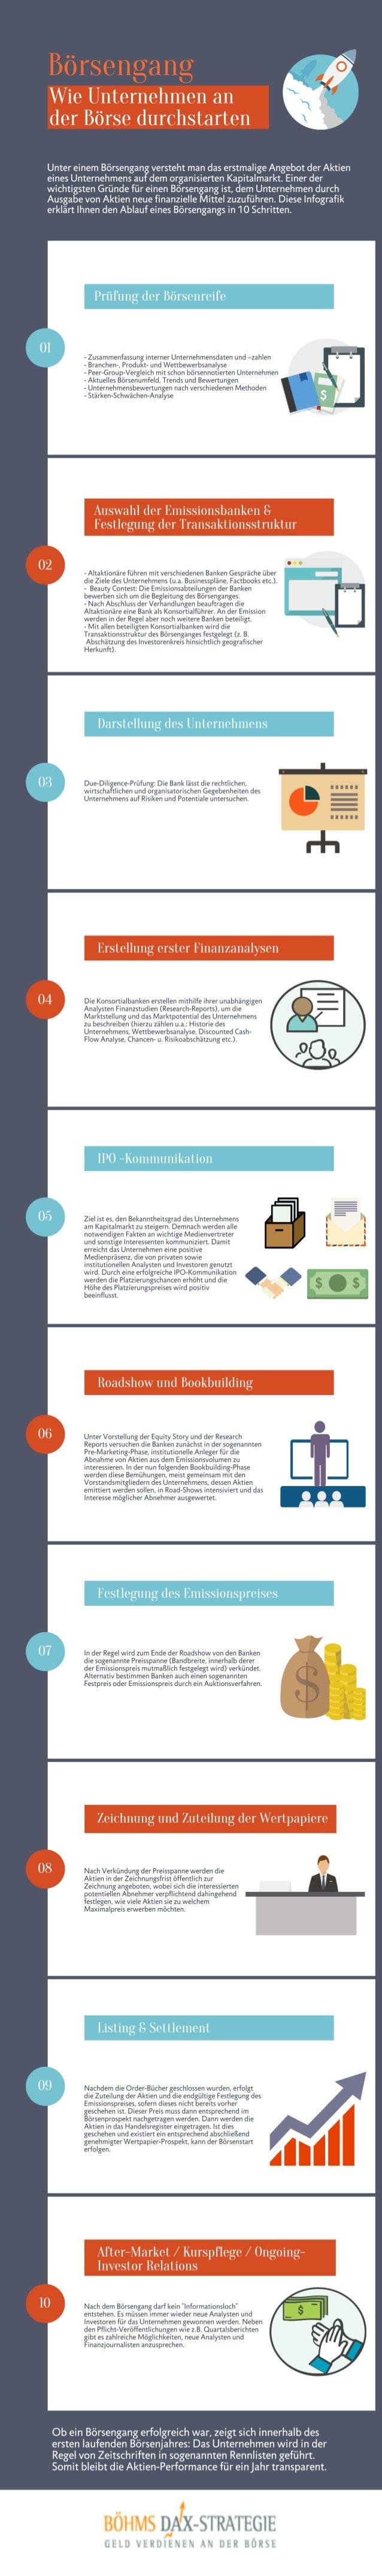 Börsengang eines Unternehmens: Böhms DAX-Strategie erklärt, wie Unternehmen an der Börse durchstarten